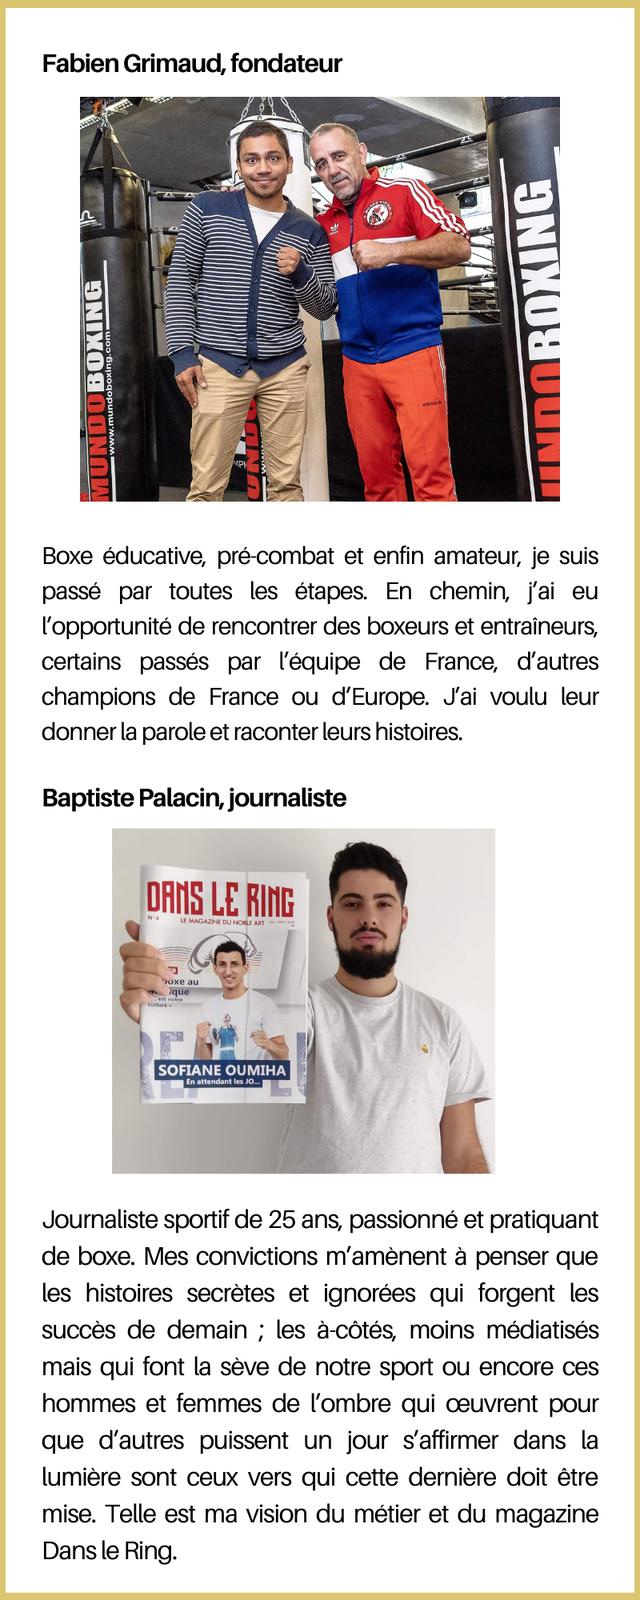 Fabien Grimaud, fondateur Boxe educative, pre-combat et enfin amateur, je suis passe par toutes les etapes. En chemin, j'ai eu l'opportunite de rencontrer des boxeurs et entraineurs, certains passes par l'equipe de France, d'autres champions de France ou d'Europe. J'ai voulu leur donner la parole et raconter leurs histoires. Baptiste Palacin, journaliste DANS LE RING N°4 au SOFIANE OUMIHA Journaliste sportif de 25 ans, passionne et pratiquant de boxe. Mes convictions a penser que les histoires secretes et ignorees qui forgent les succes de demain ; les a-cotes, moins mediatises mais qui font la seve de notre sport ou encore ces hommes et femmes de l'ombre qui ceuvrent pour que d'autres puissent un jour s'affirmer dans la lumiere sont ceux vers qui cette derniere doit etre mise. Telle est ma vision du metier et du magazine Dans le Ring.